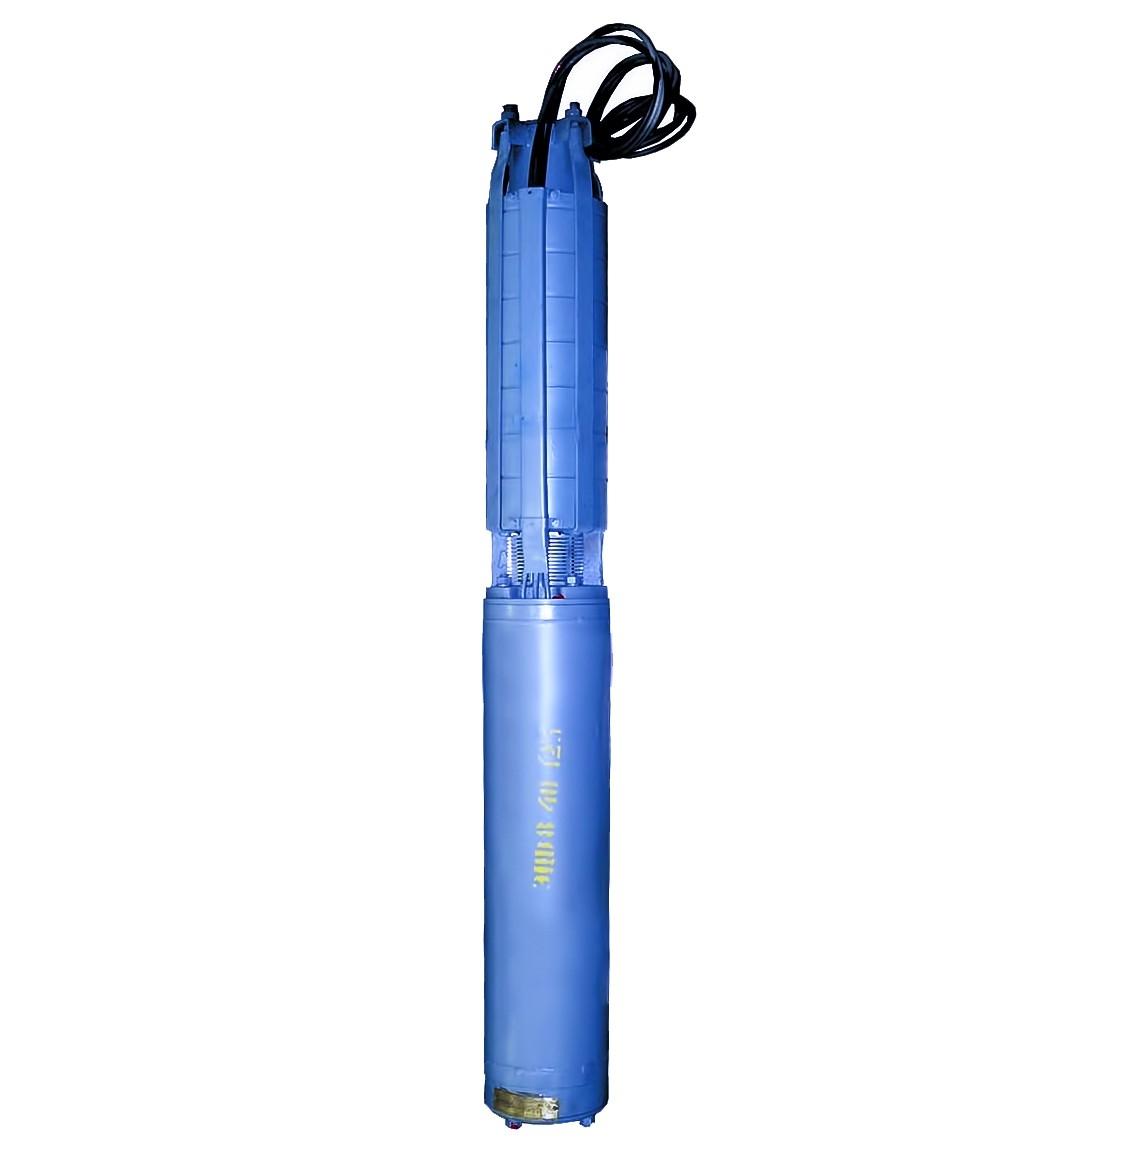 Погружной насос ЭЦВ 6-16-110 армлен